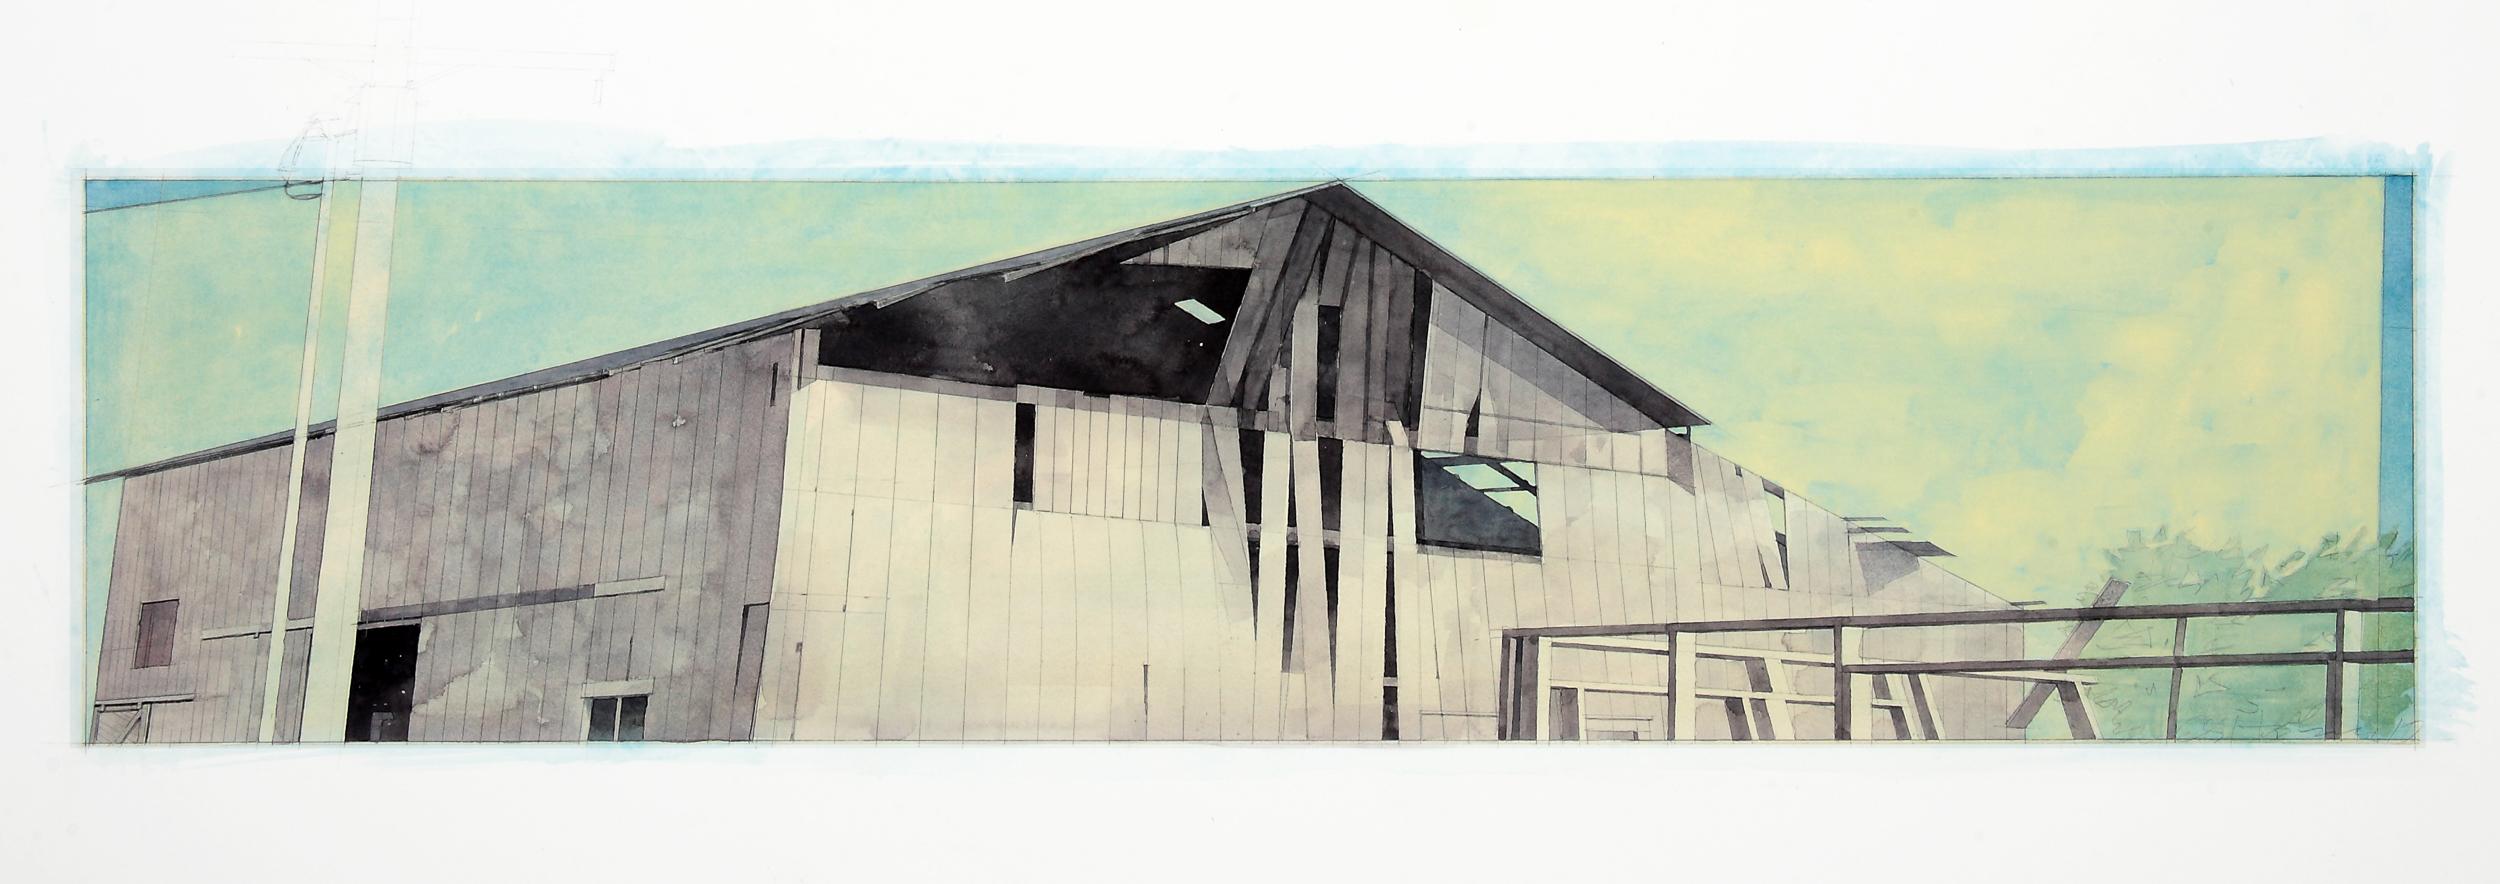 Holmes Barn, 2010 / 8 x 33 in